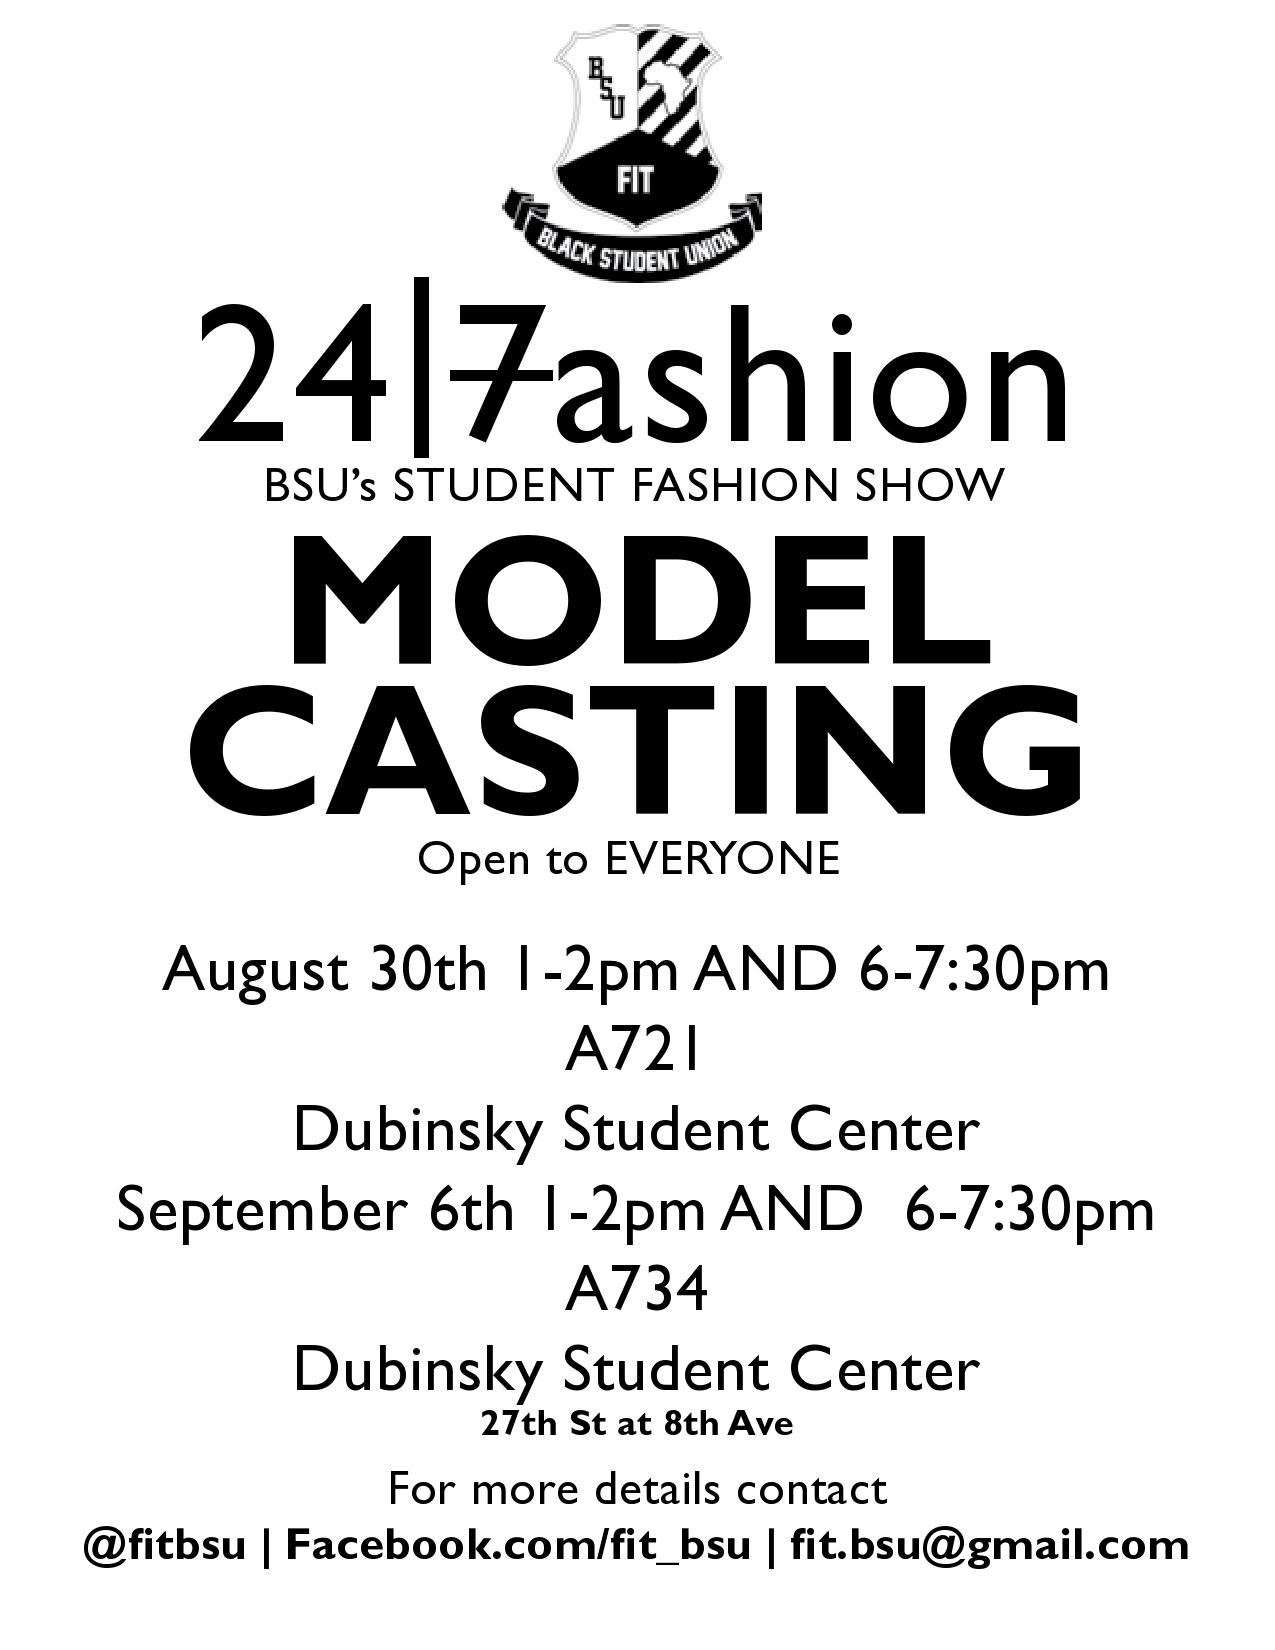 BSU Fashion Show Model Casting